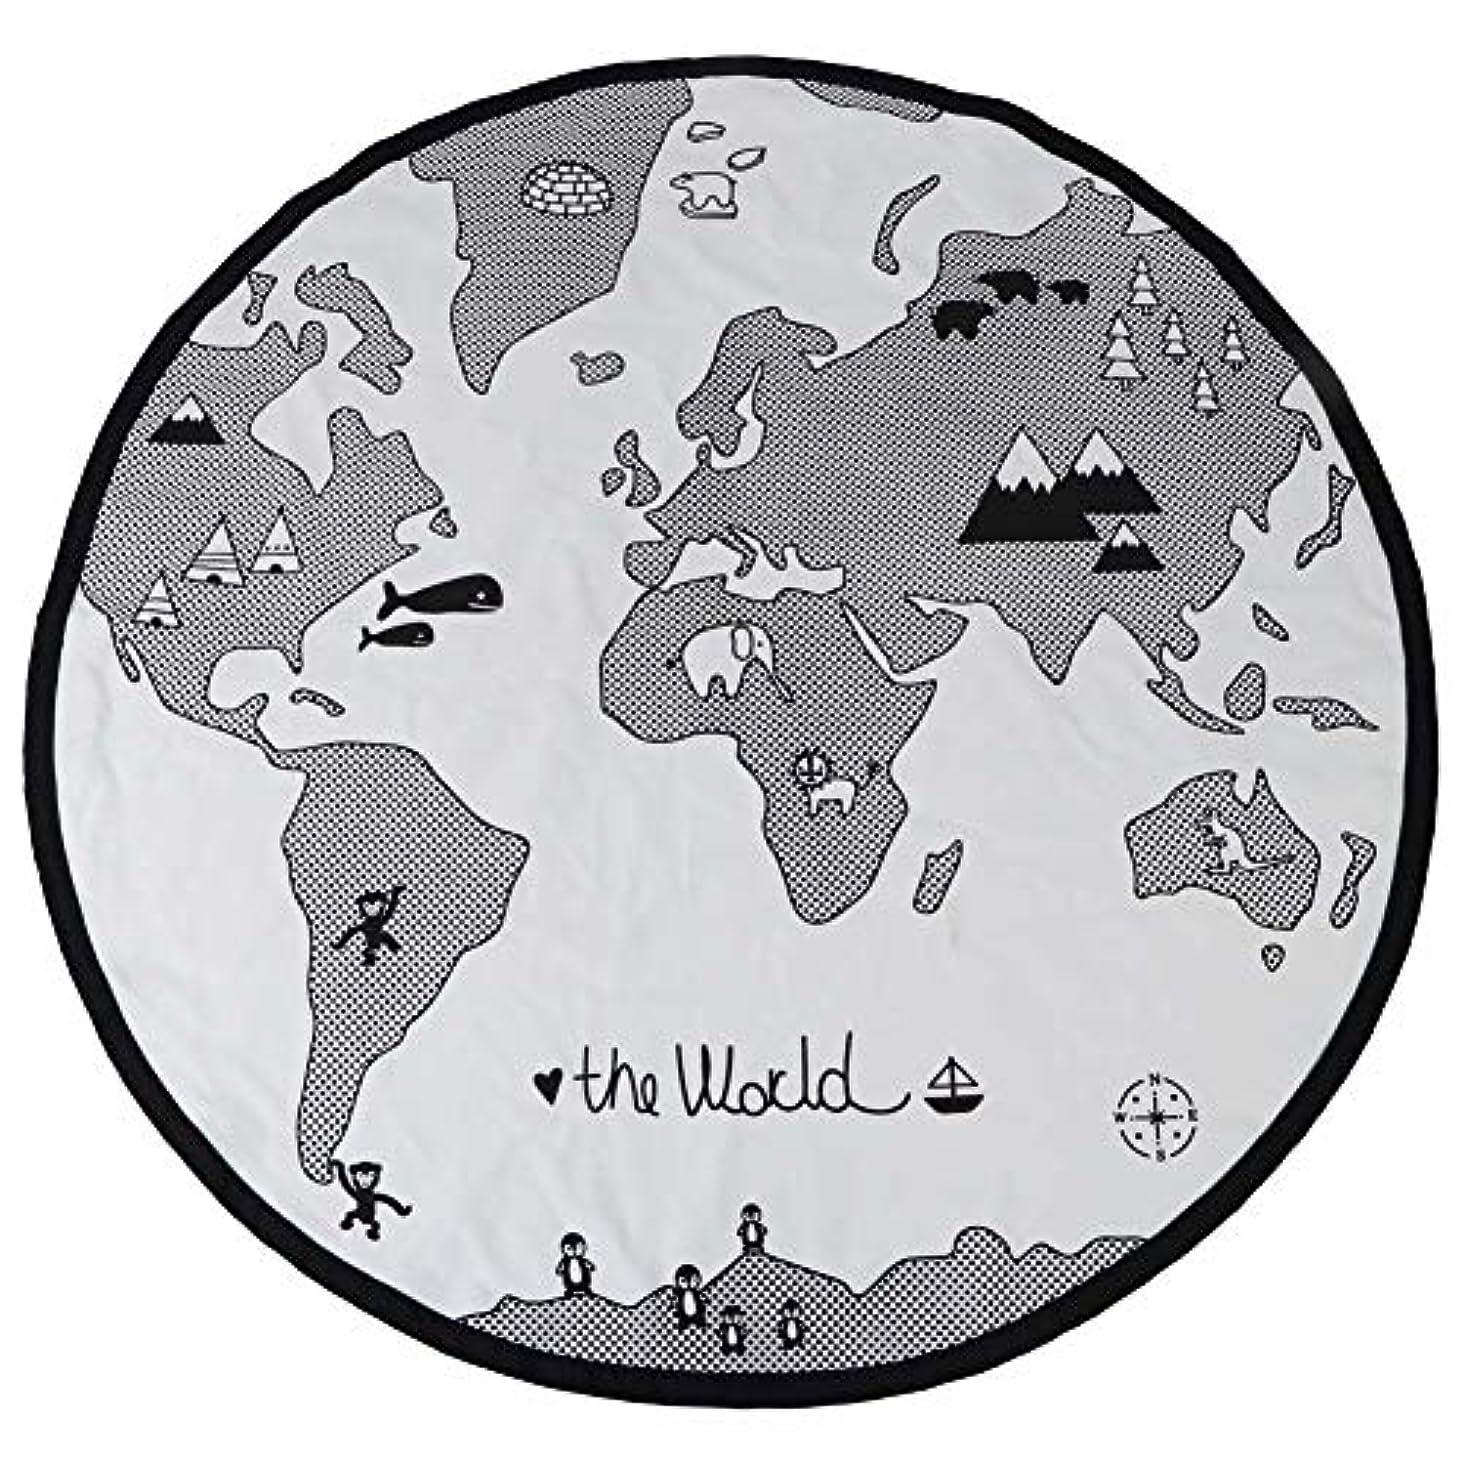 枯渇するエゴイズム付録oenbopo 135 cmアドベンチャー世界地図 パターン 円形の子供ゲームマット厚く赤ちゃんクロールプレイマット